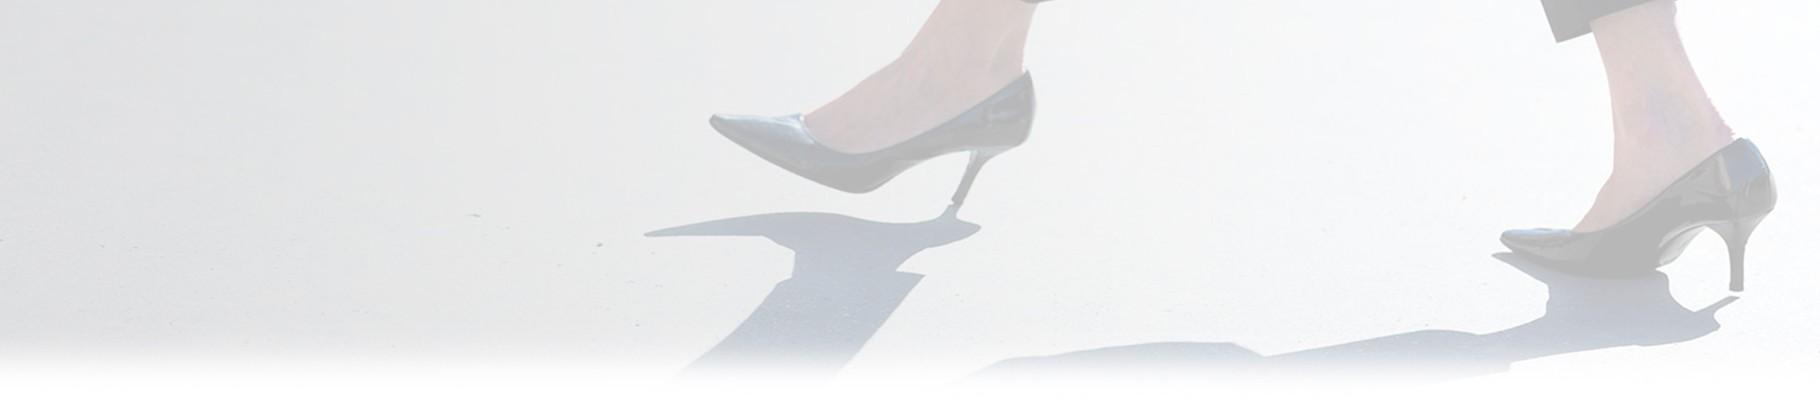 Solo un paio di scarpe con i tacchi donano sicurezza e femminilità